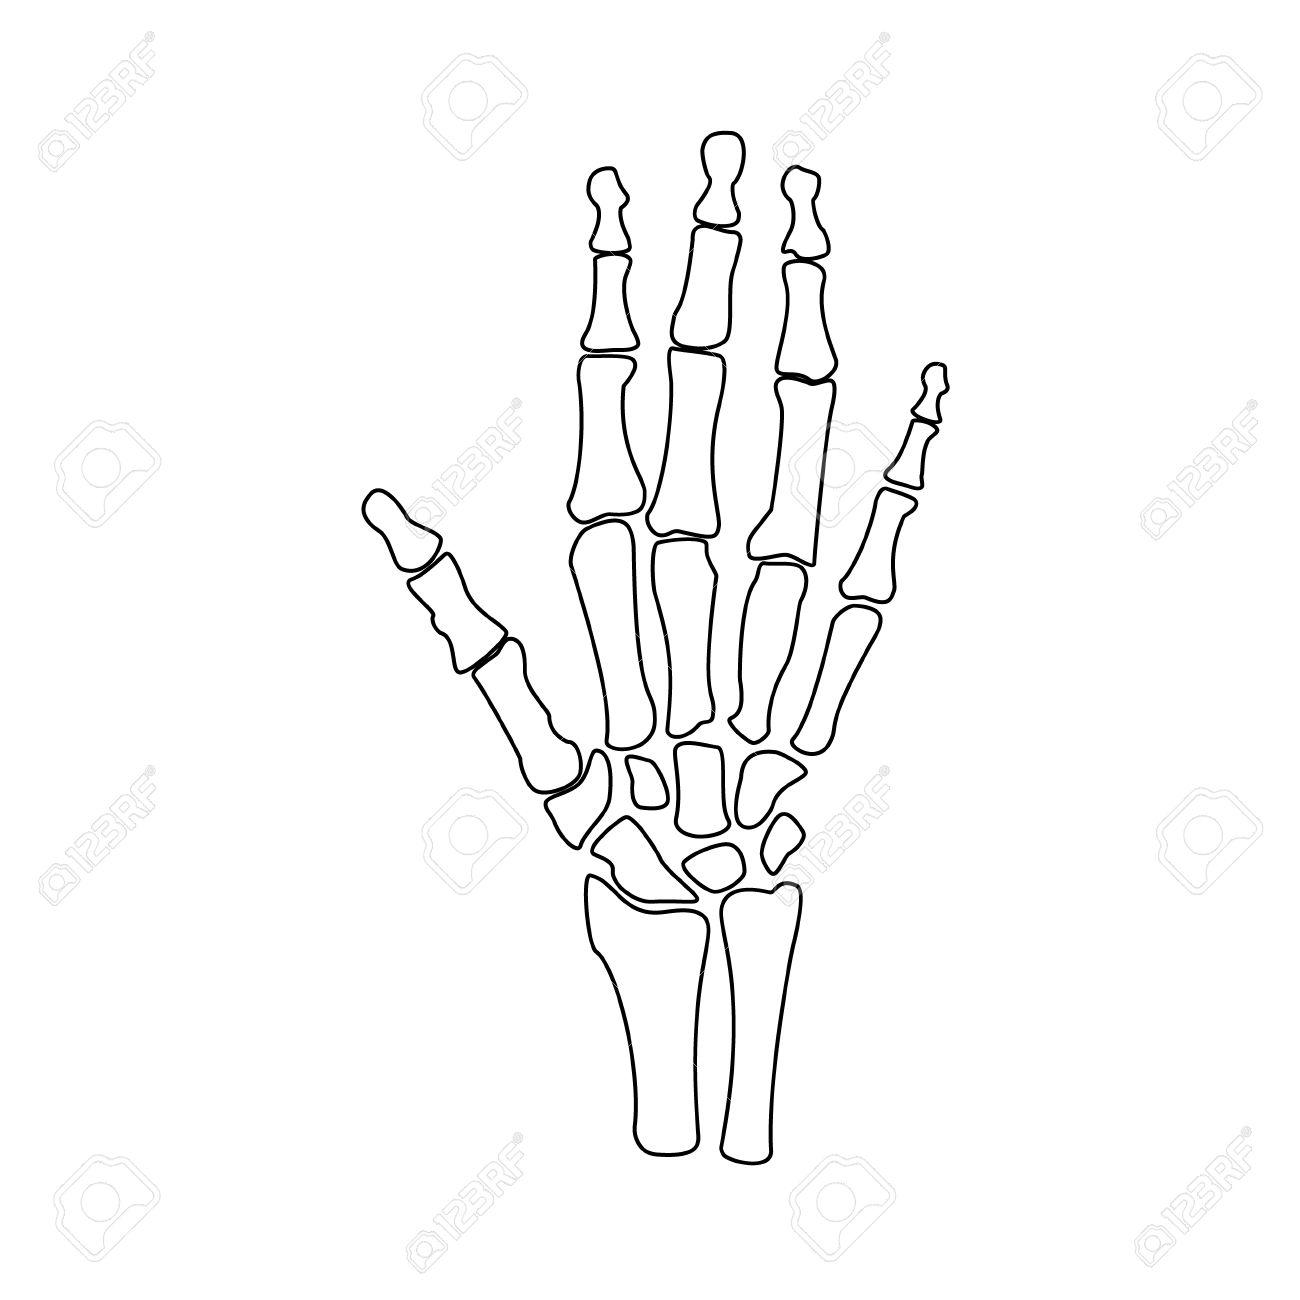 Vector Ilustración De Los Huesos De Mano Contorno Dibujo. Icono ...